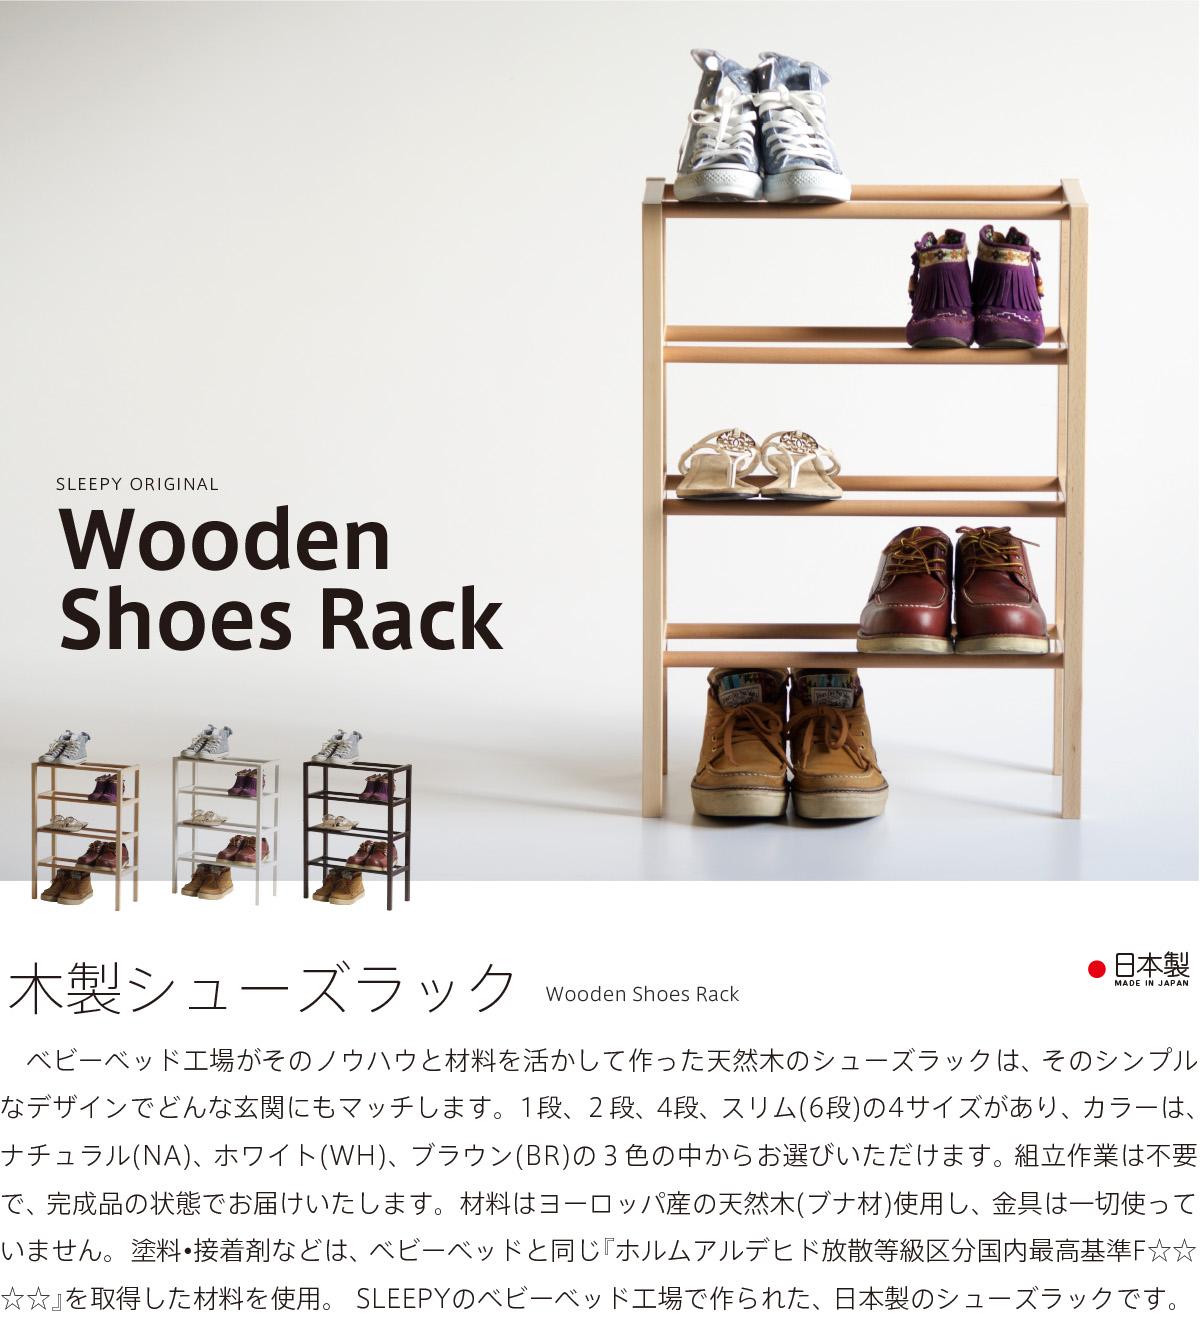 「木製シューズラック(4段)」